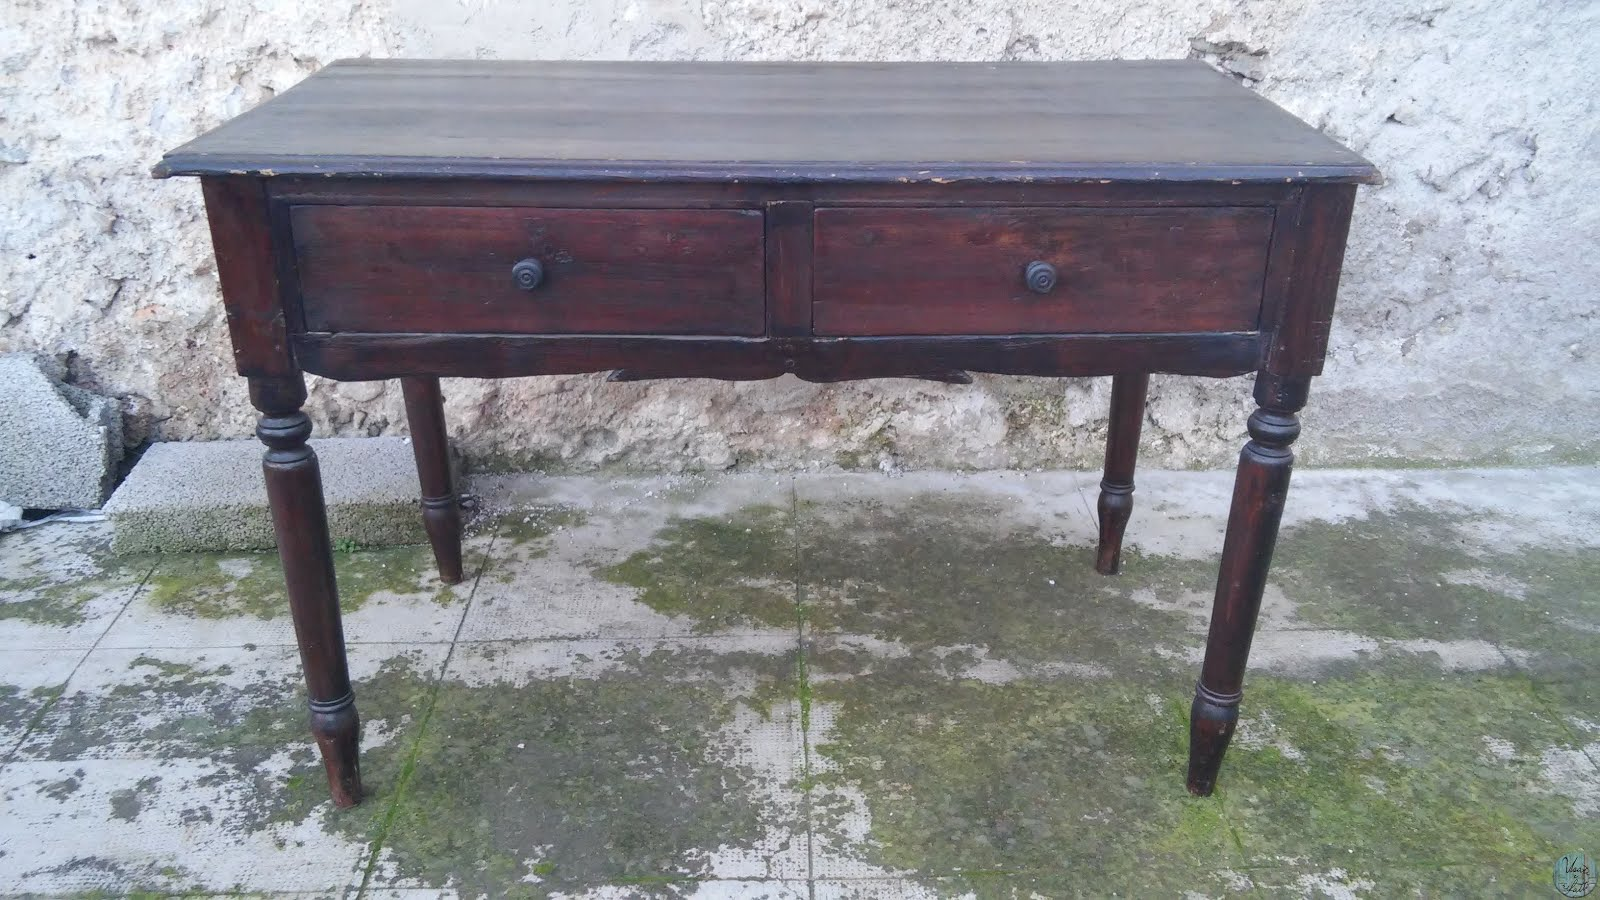 Scrivania Vintage Legno : Da vecchia scrivania a nuovo tavolo vintage usati e rifatti